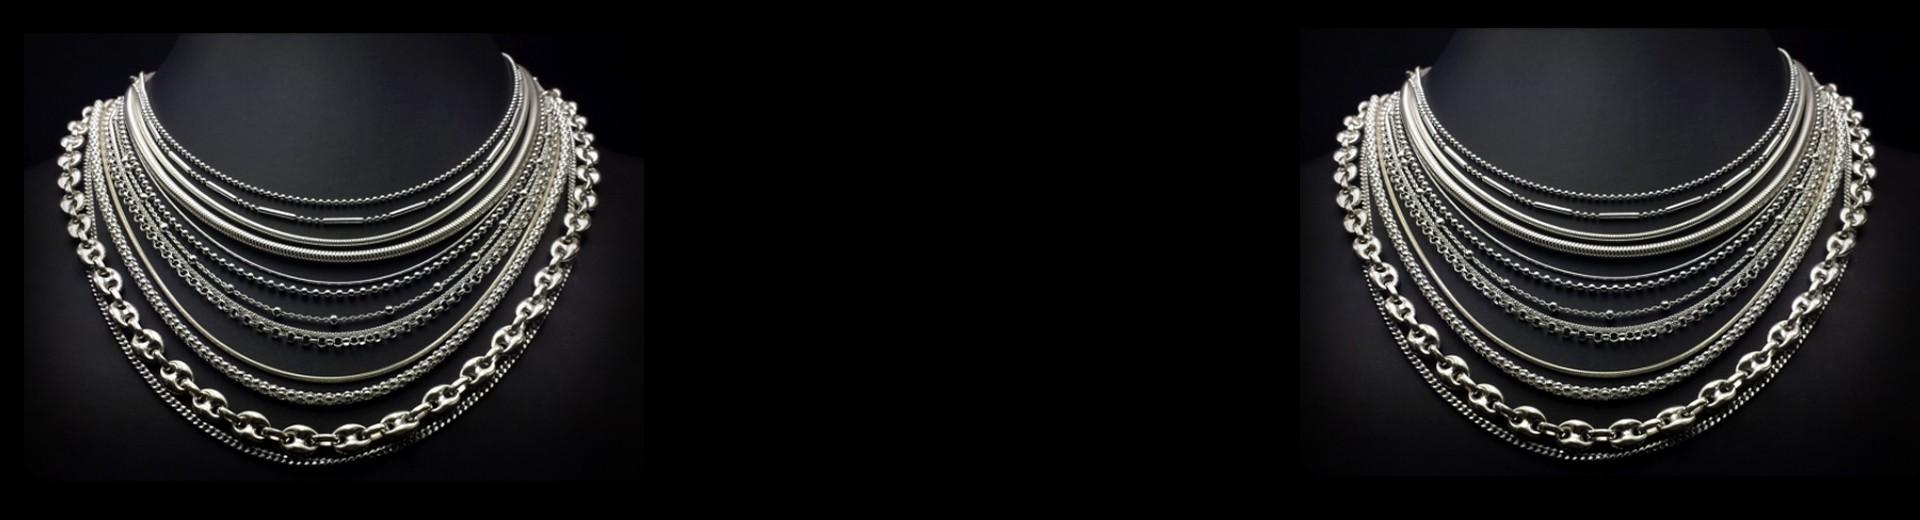 CADENAS PLATA HOMBRE